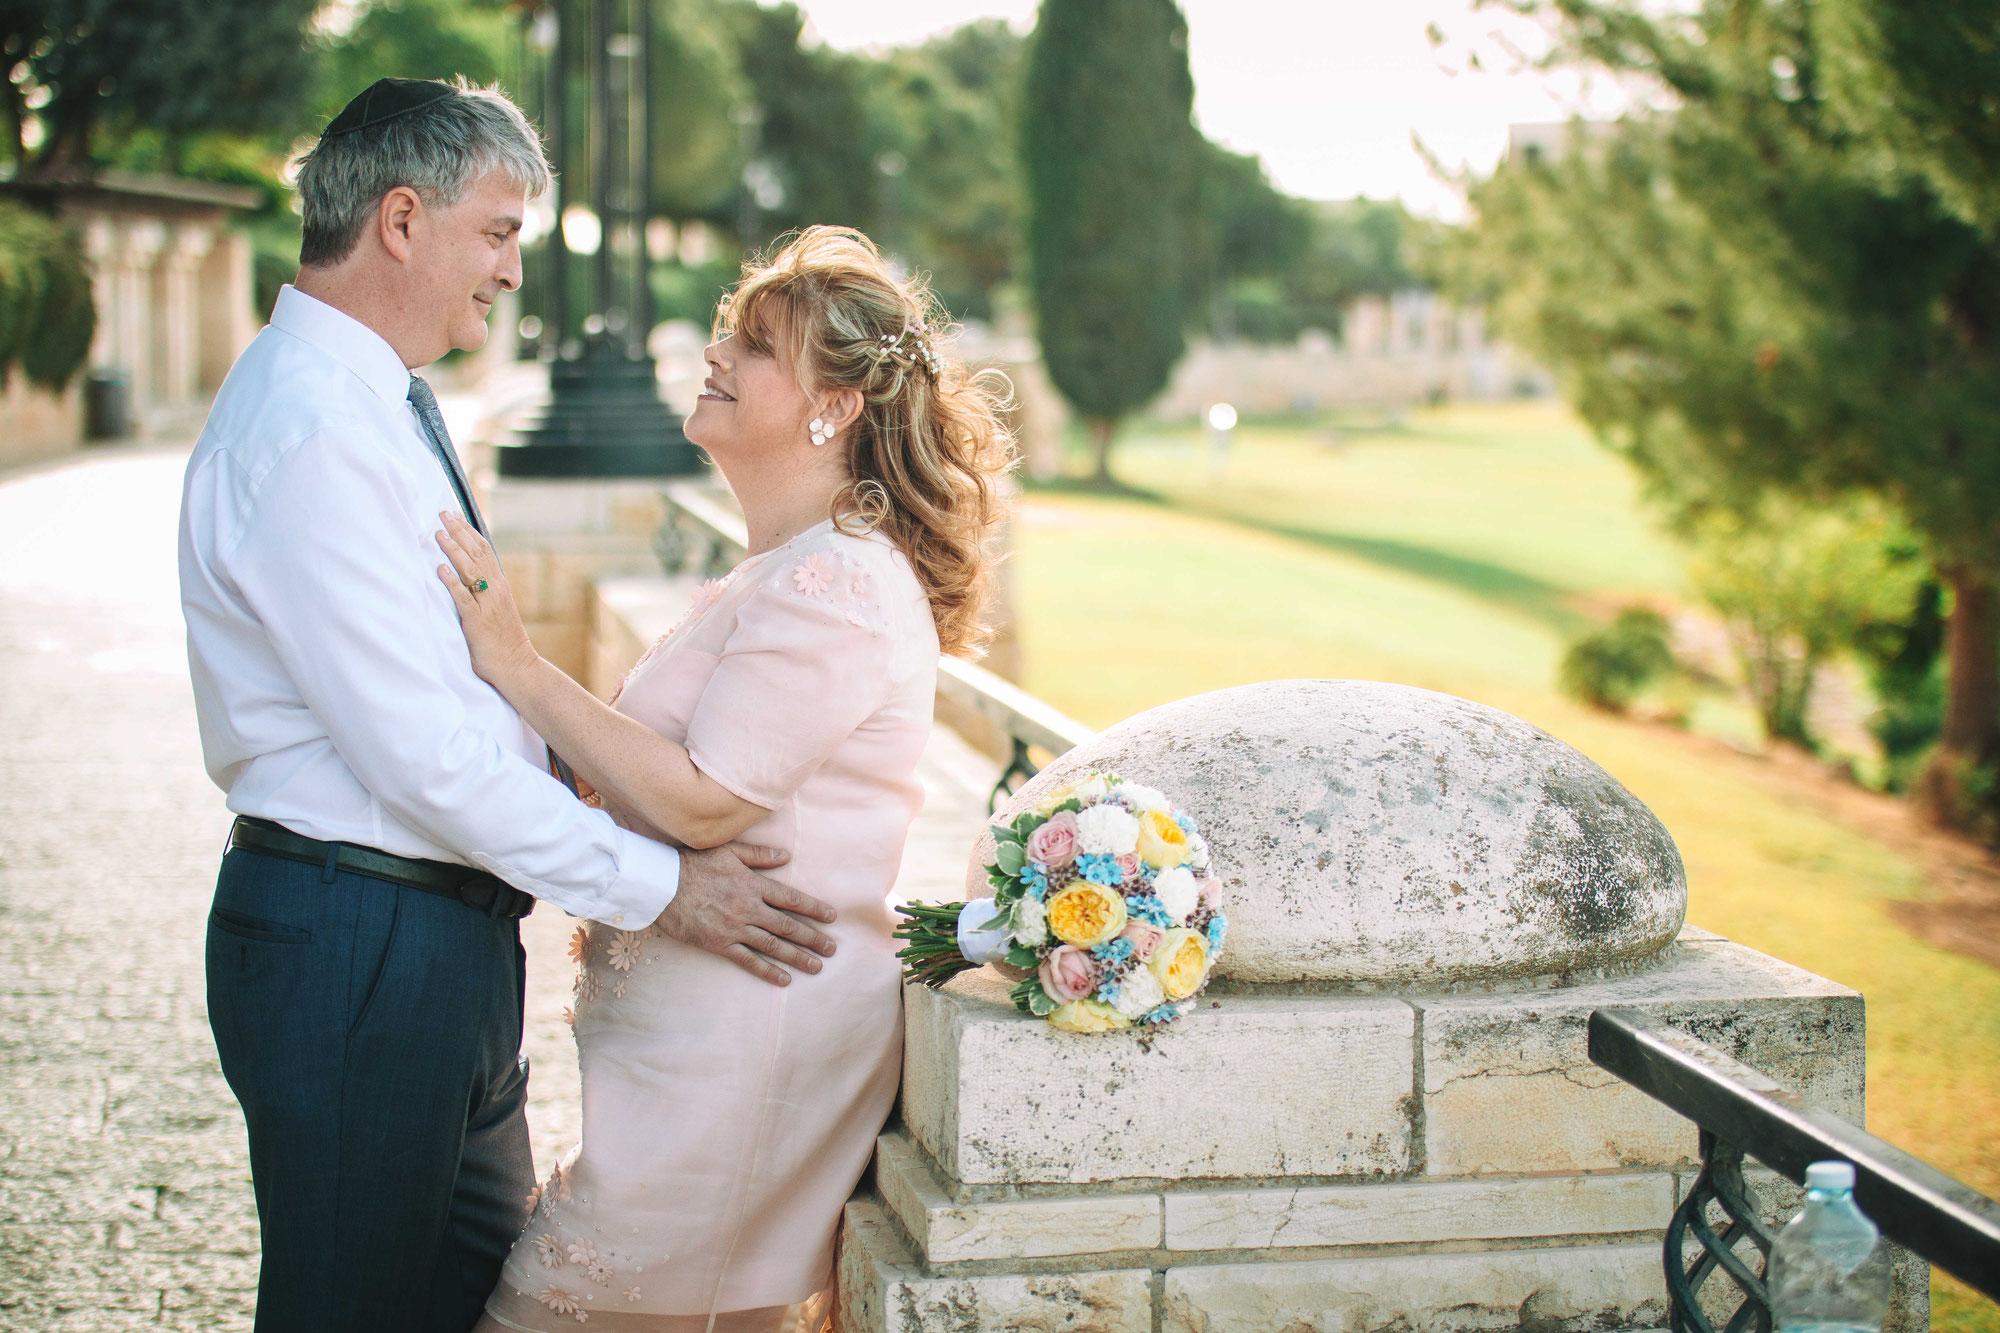 כמה עולה צילום חתונה - מחירים מדוייקים